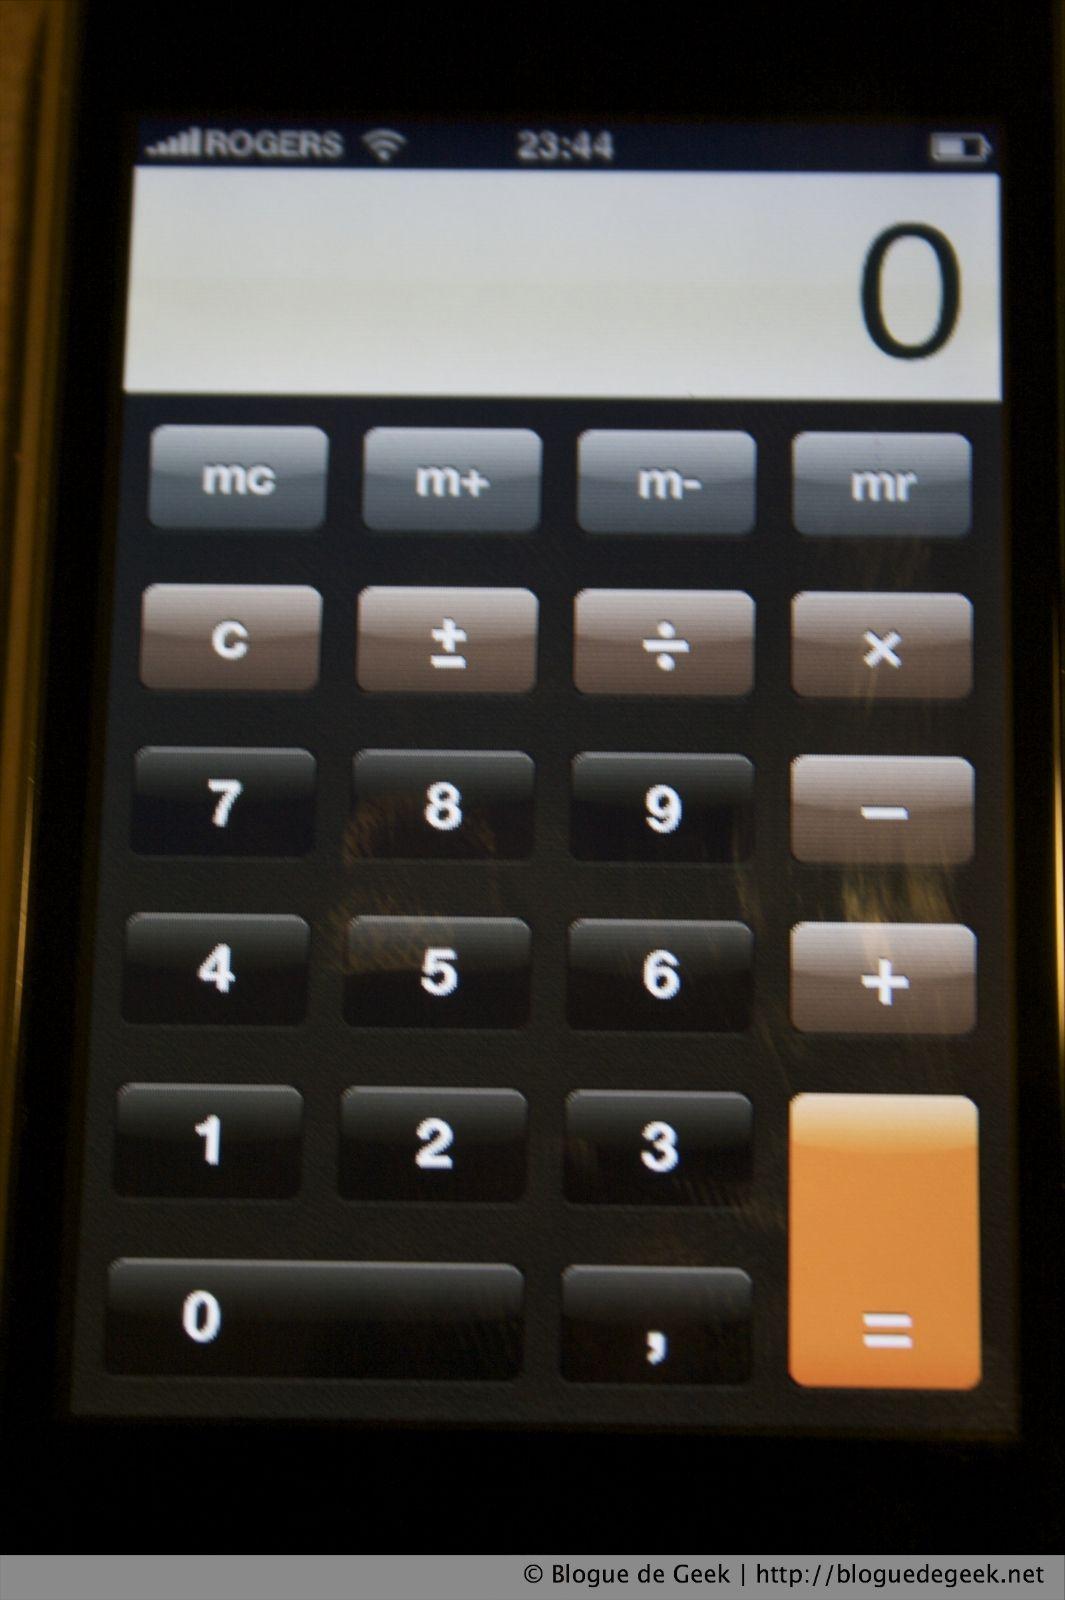 img 262512 - iPhone 3G avec Rogers au Canada [Évaluation]